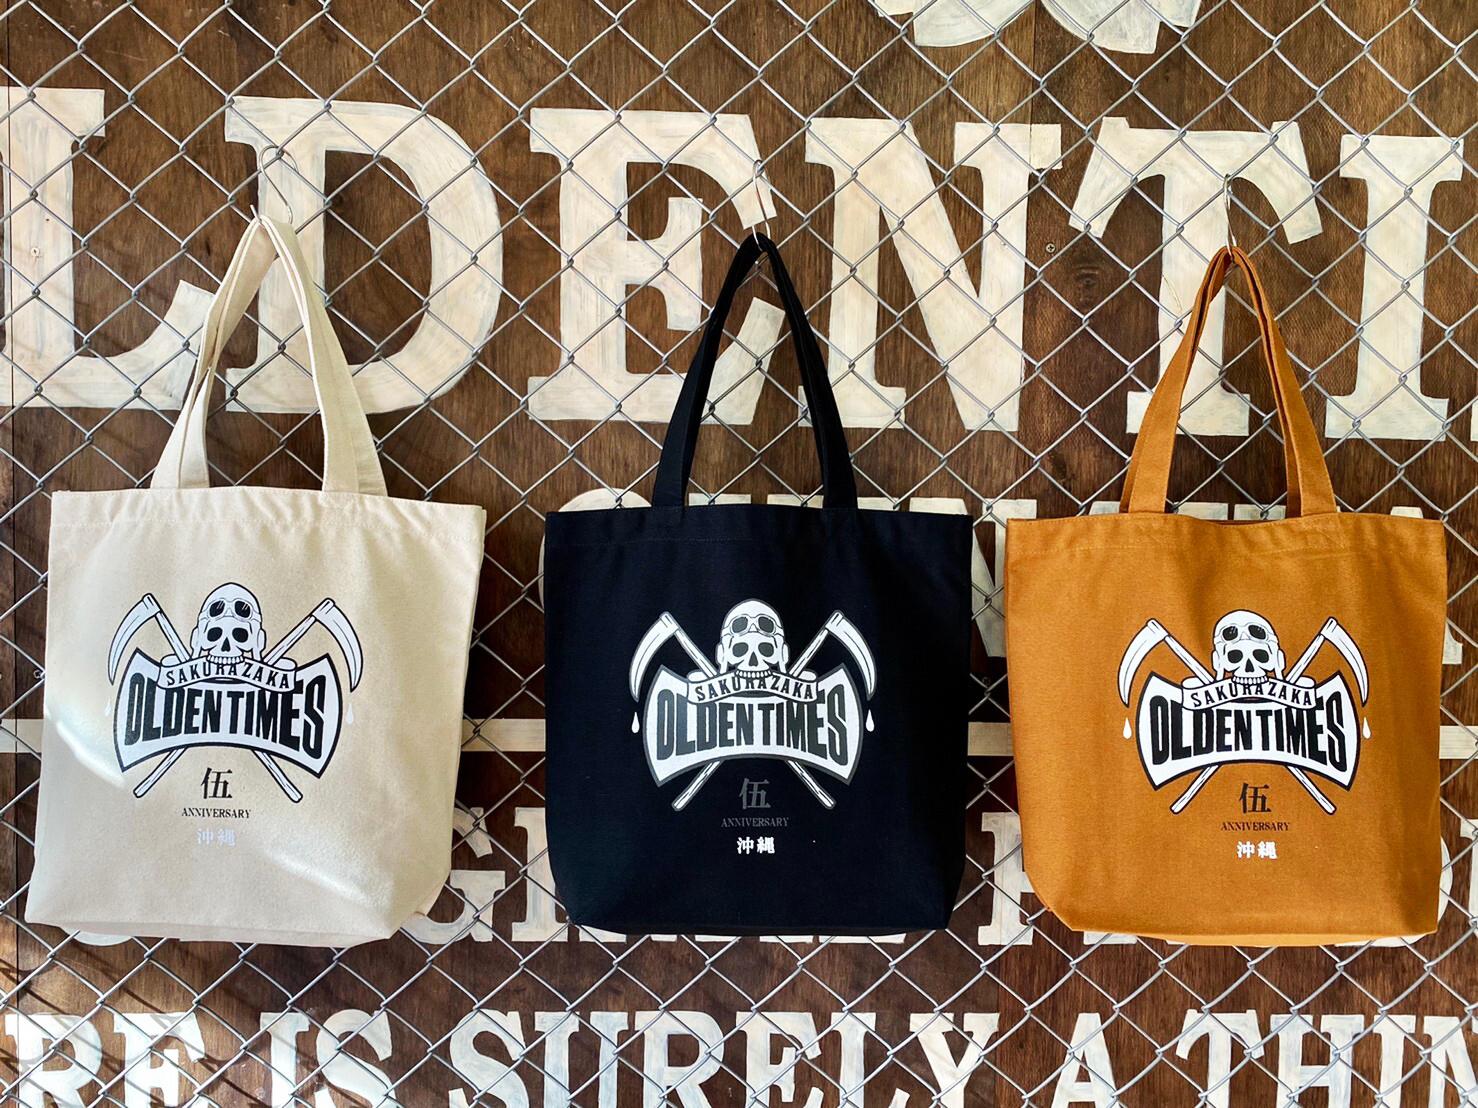 東京ブランド【TOYPLANE】が手掛けたブランド設立5周年記念トートバッグ